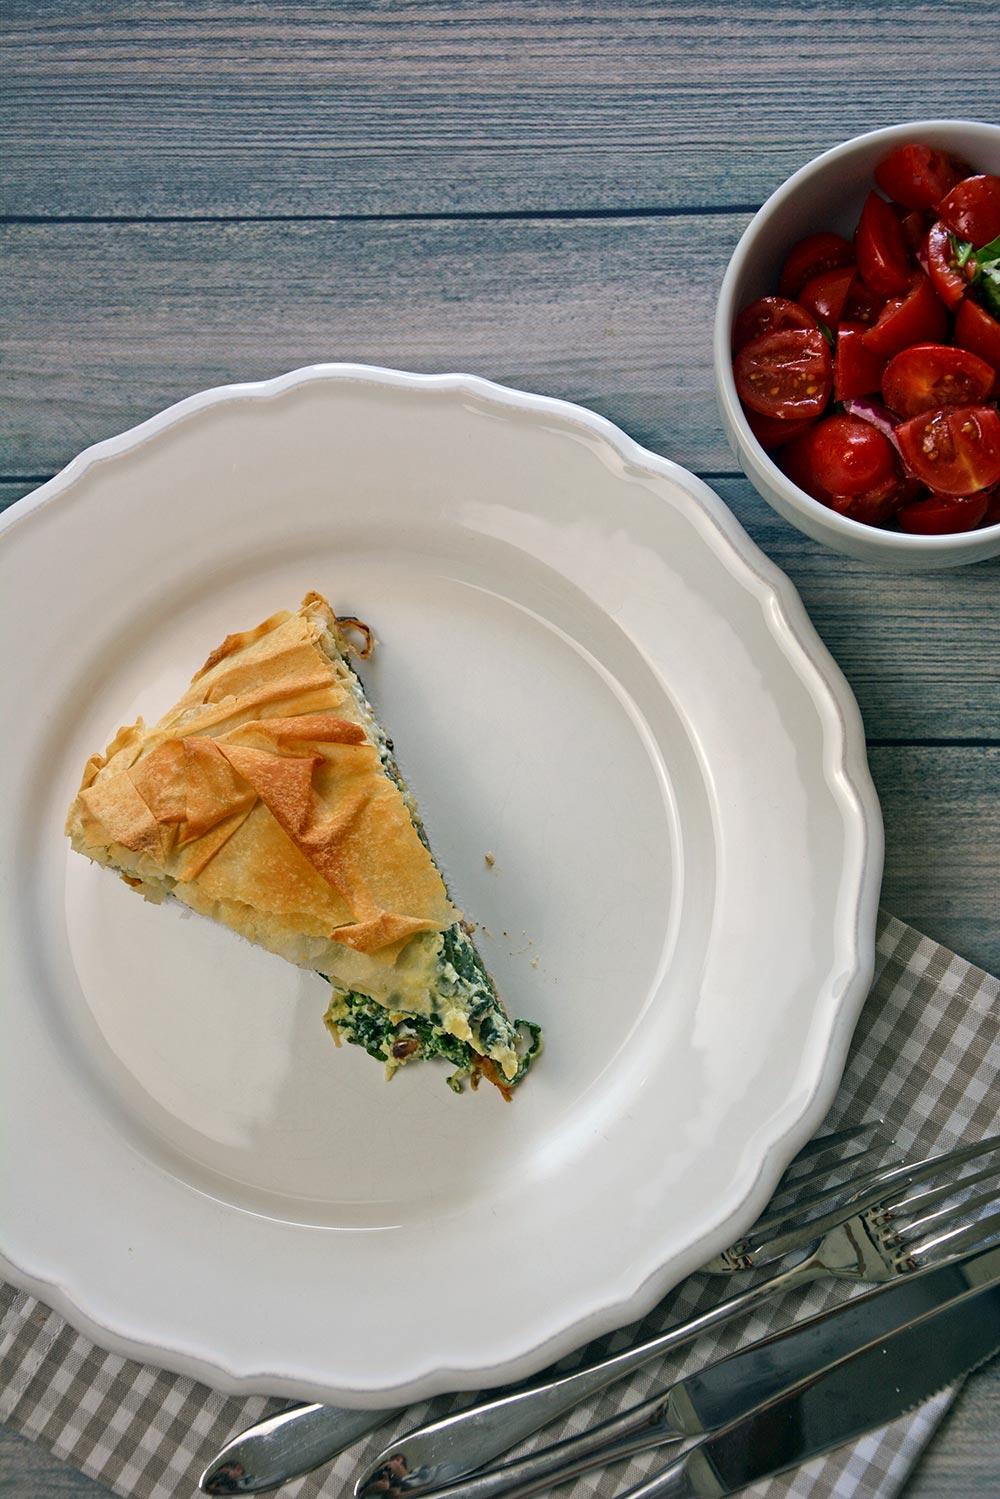 Einfaches Rezept für Spinat-Feta Pastete mit Strudelteig aus dem Backofen. Dazu gibt es einen schnellen Tomatensalat. Knusprig gut.